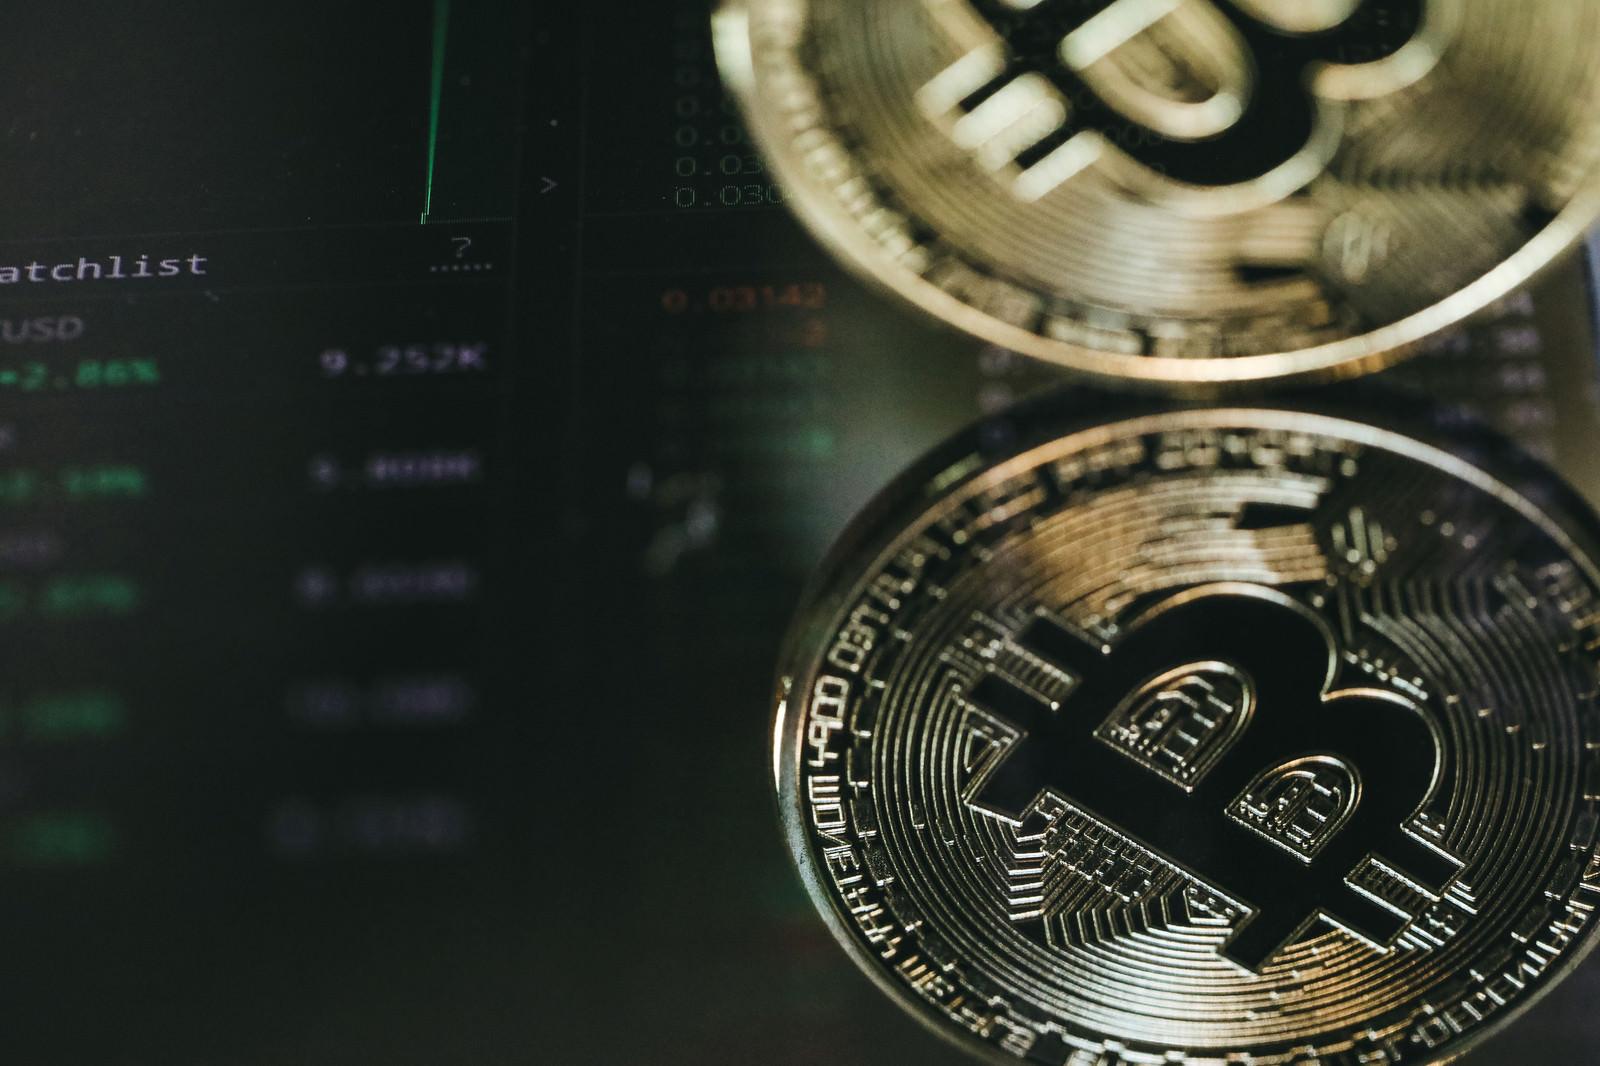 「レート一覧とビットコイン(暗号資産)」の写真